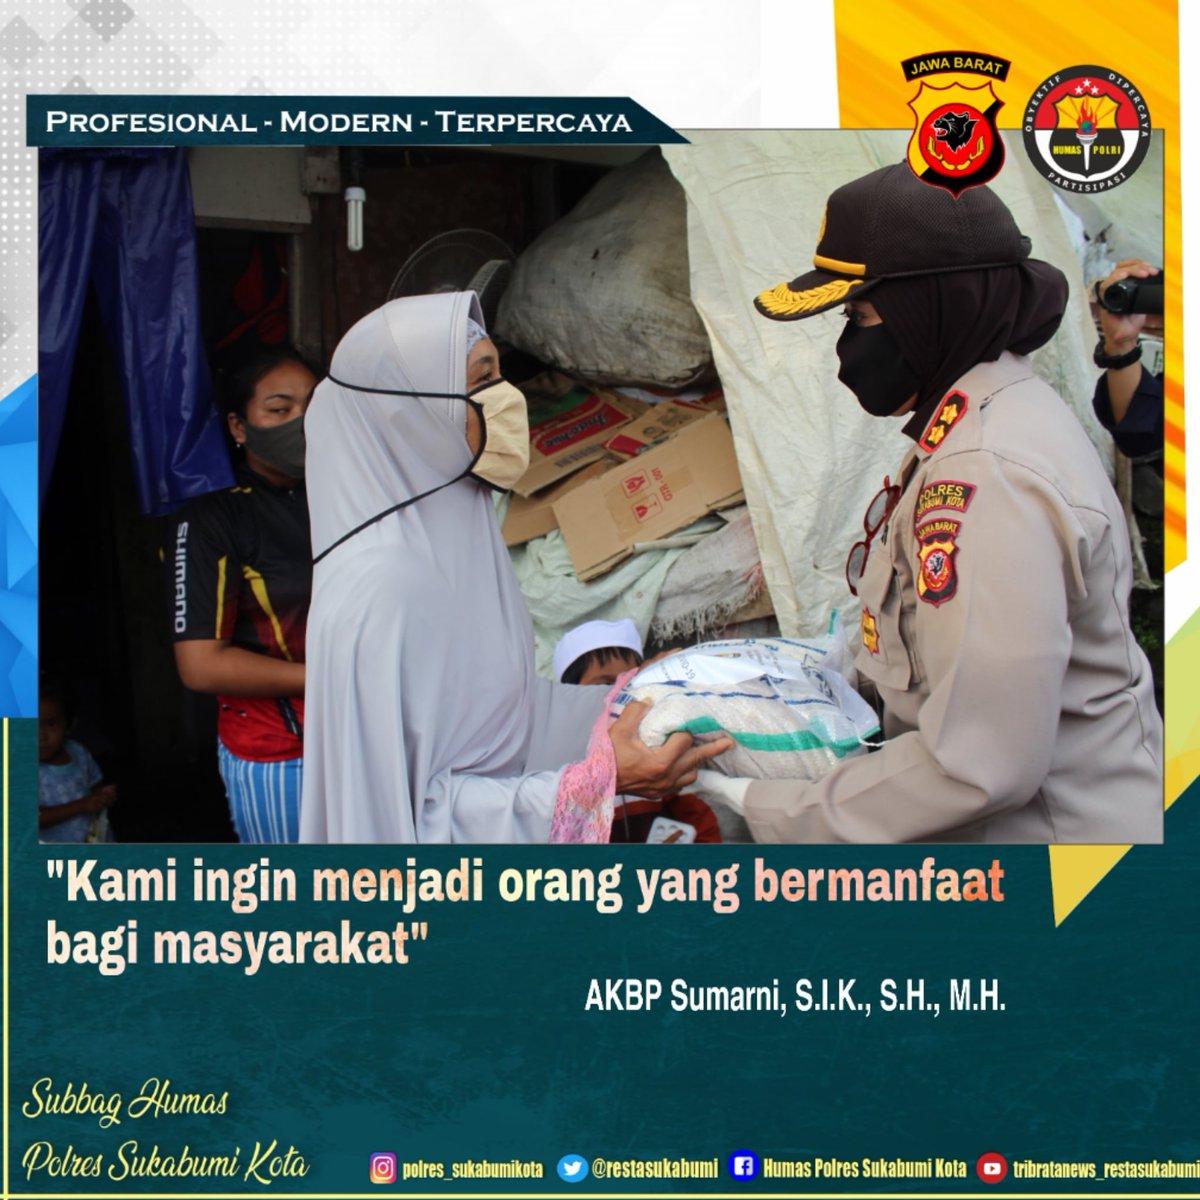 Kapolres Sukabumi Kota AKBP Sumarni, S.I.K., S.H., M.H. menyalurkan bantuan sosial kepada warga kurang mampu yang terdampak pandemi covid-19 di Benteng Warudoyong Sukabumi, Kamis (28/05/2020) sore.  @divisihumaspolri @humaspoldajbrpic.twitter.com/sv2WWyn1Yx